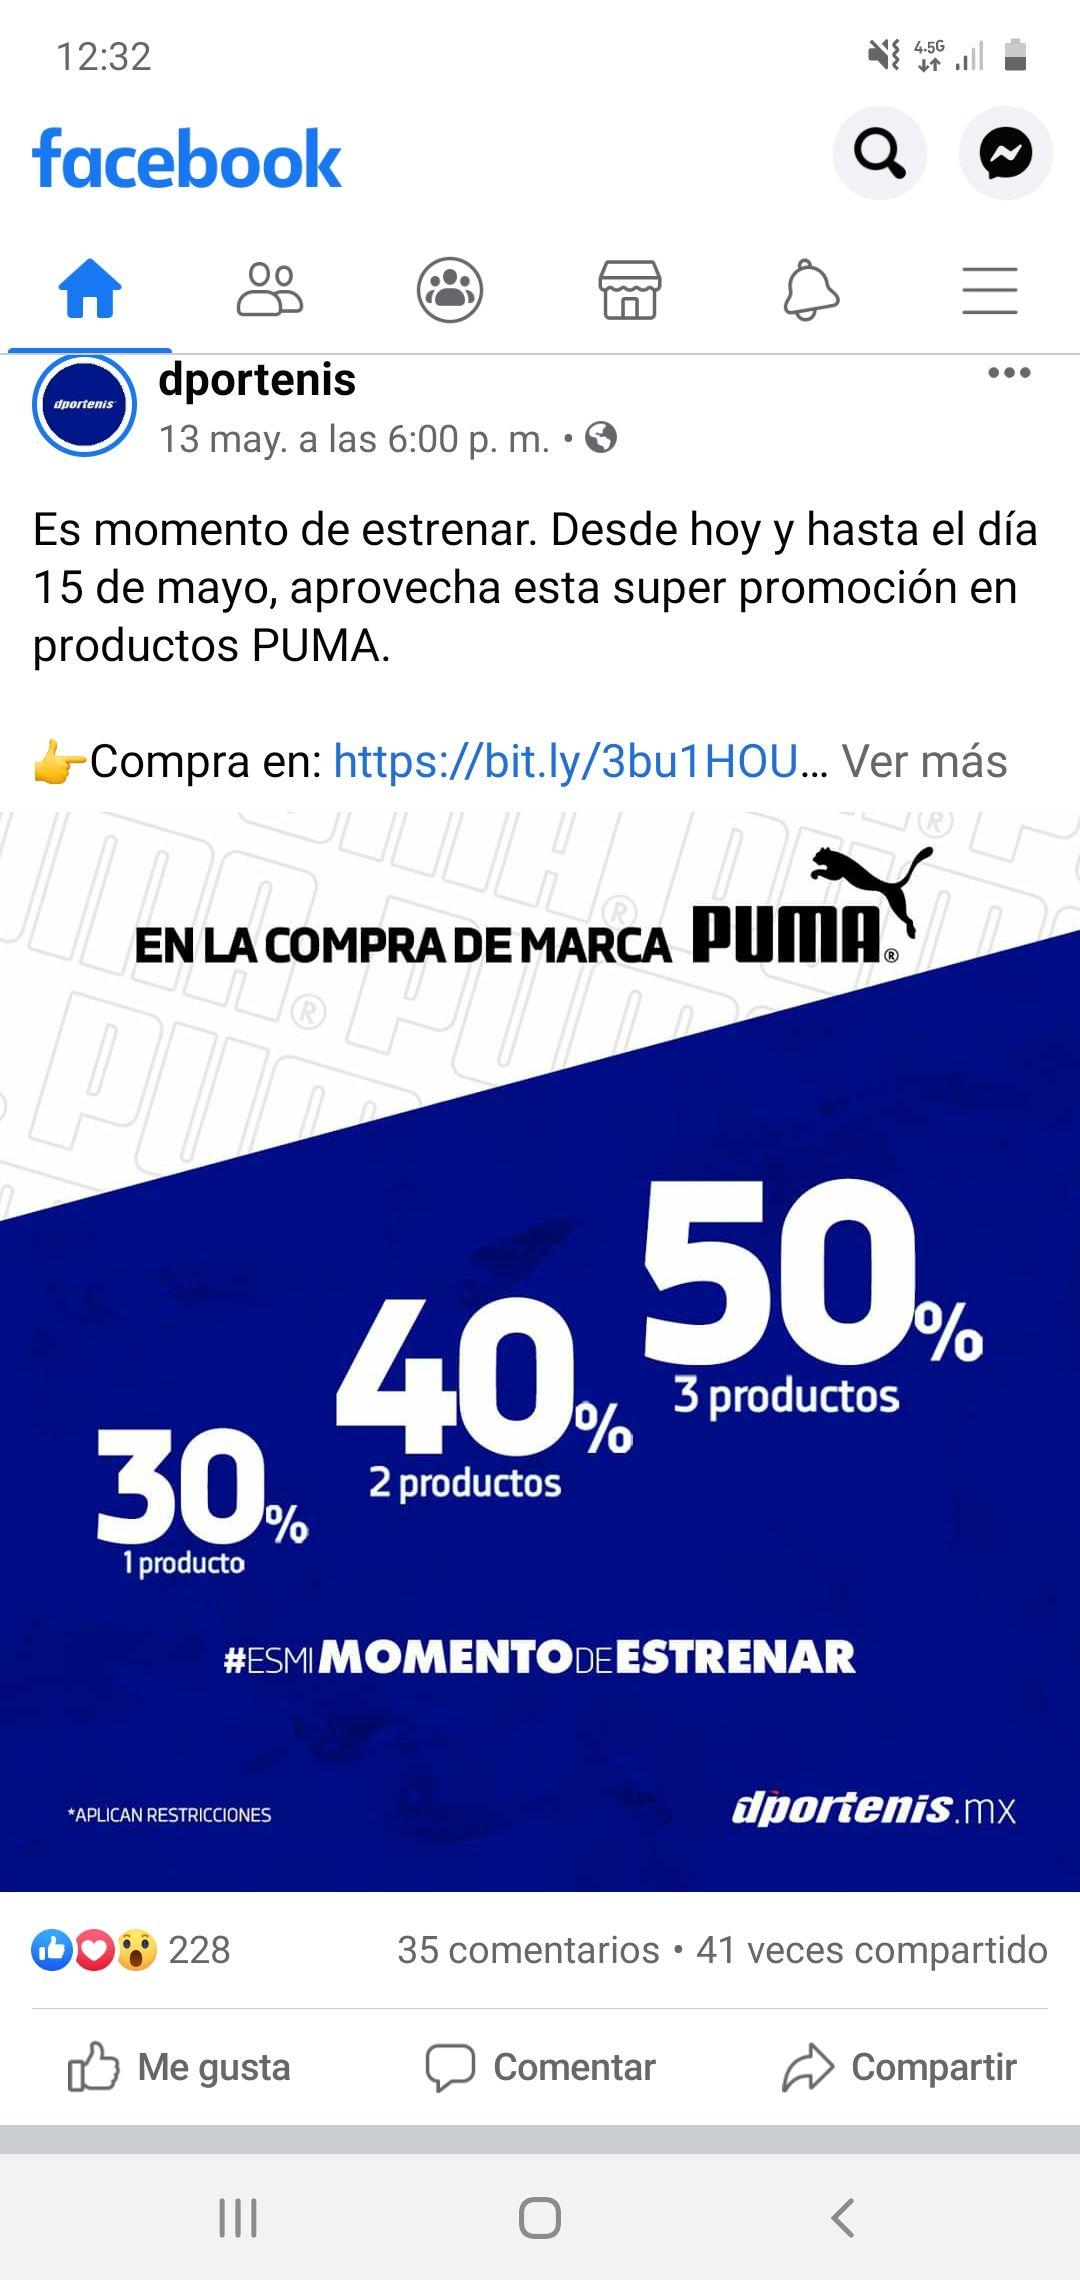 Dportenis: Descuento escalonado en Puma (30, 40, 50%)